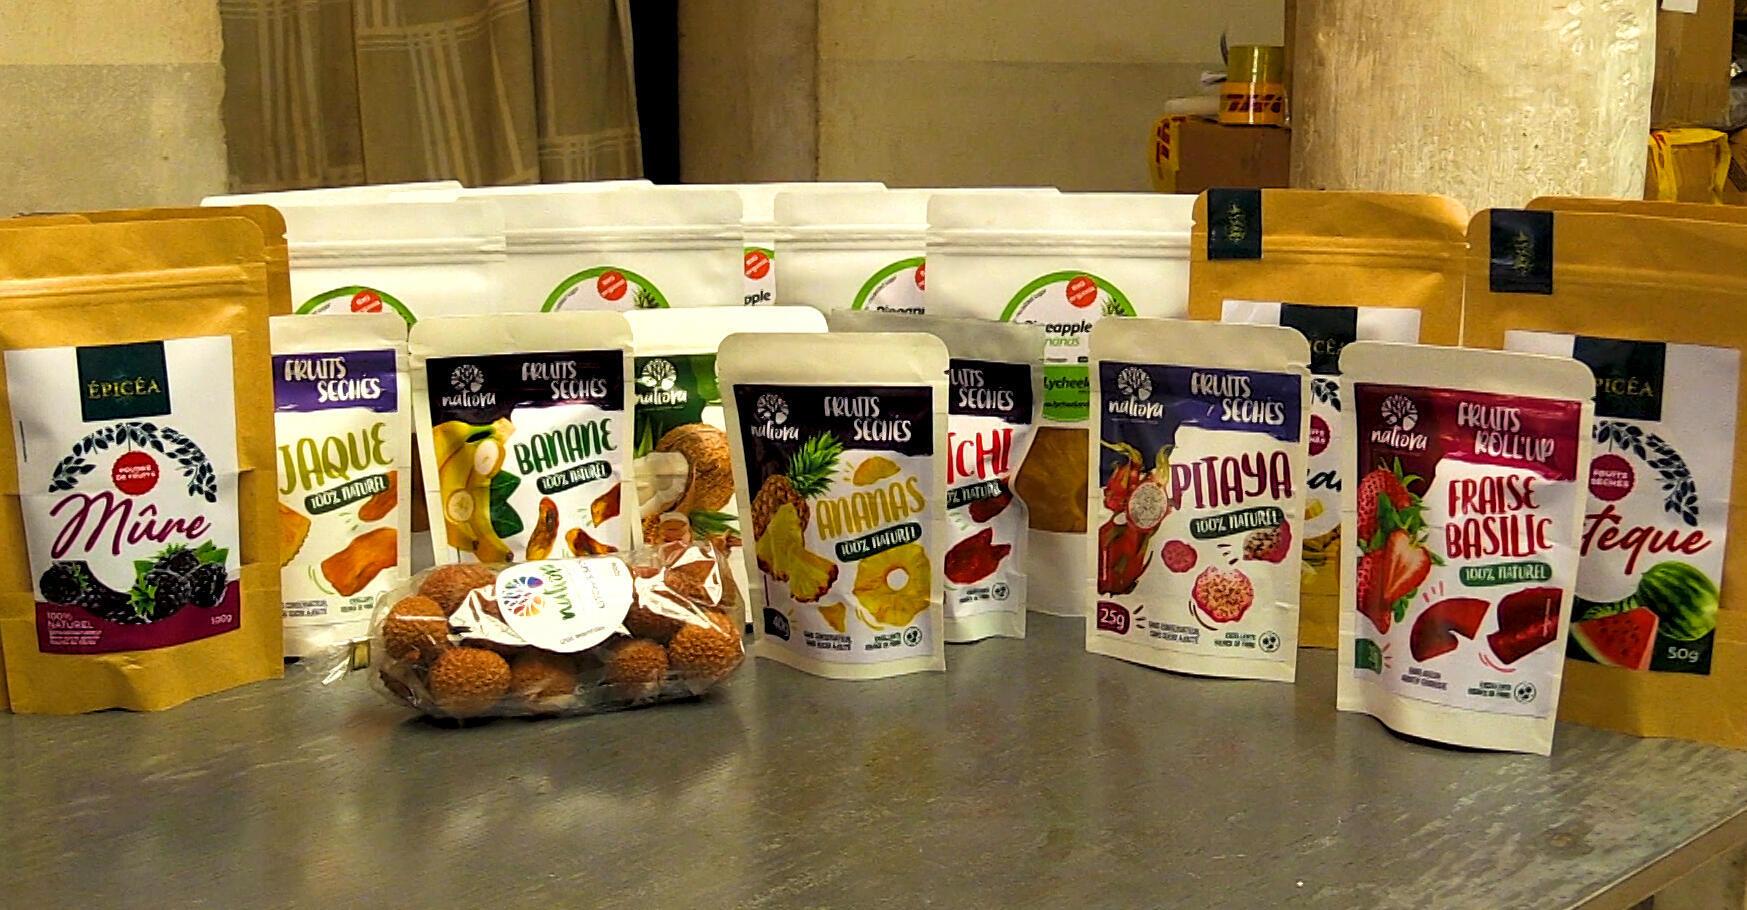 produits Bio malagasy - madagascar